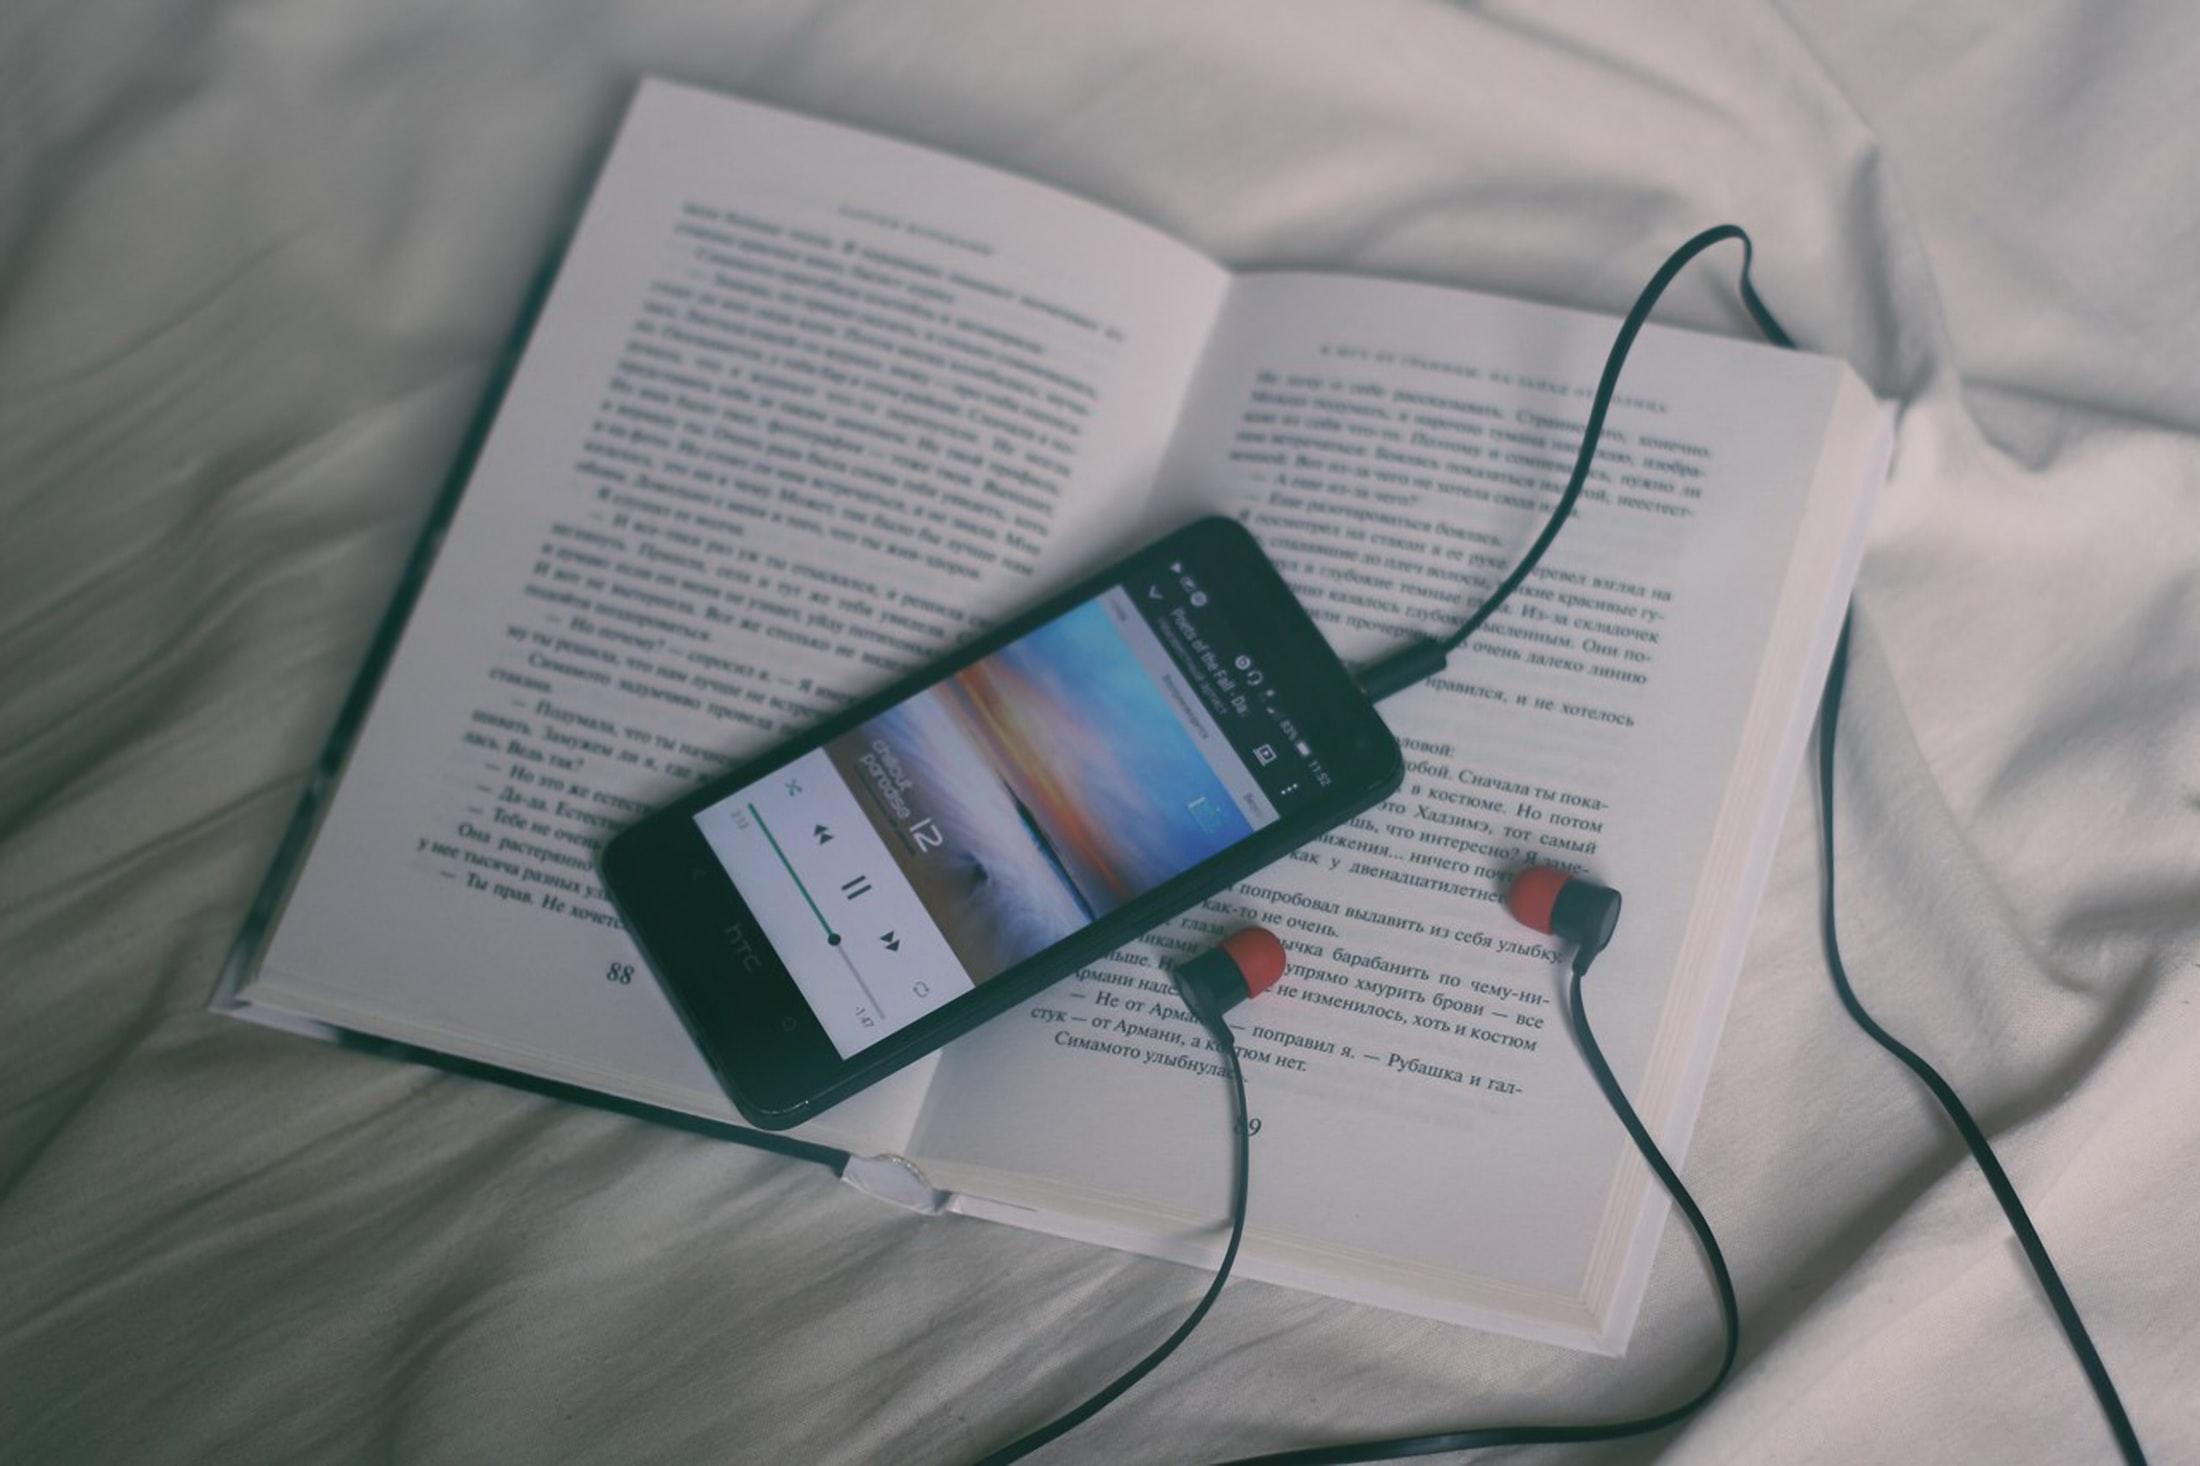 オーディオブック使い方や設定方法まとめページ